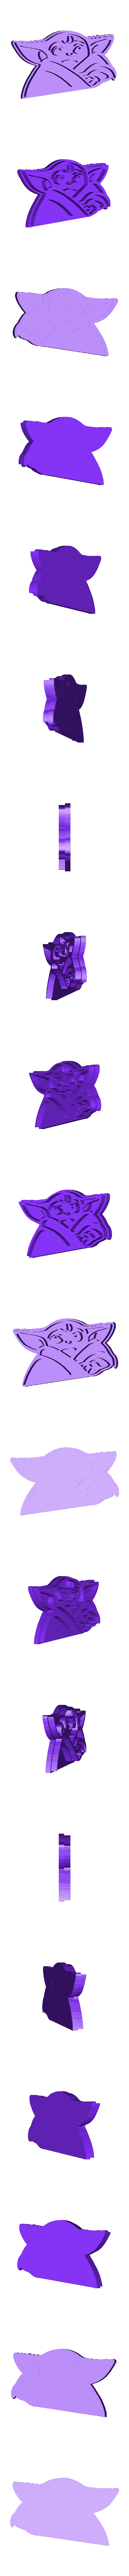 yoda1.stl Télécharger fichier STL gratuit L'emporte-pièce de bébé Yoda • Plan imprimable en 3D, 3dZ